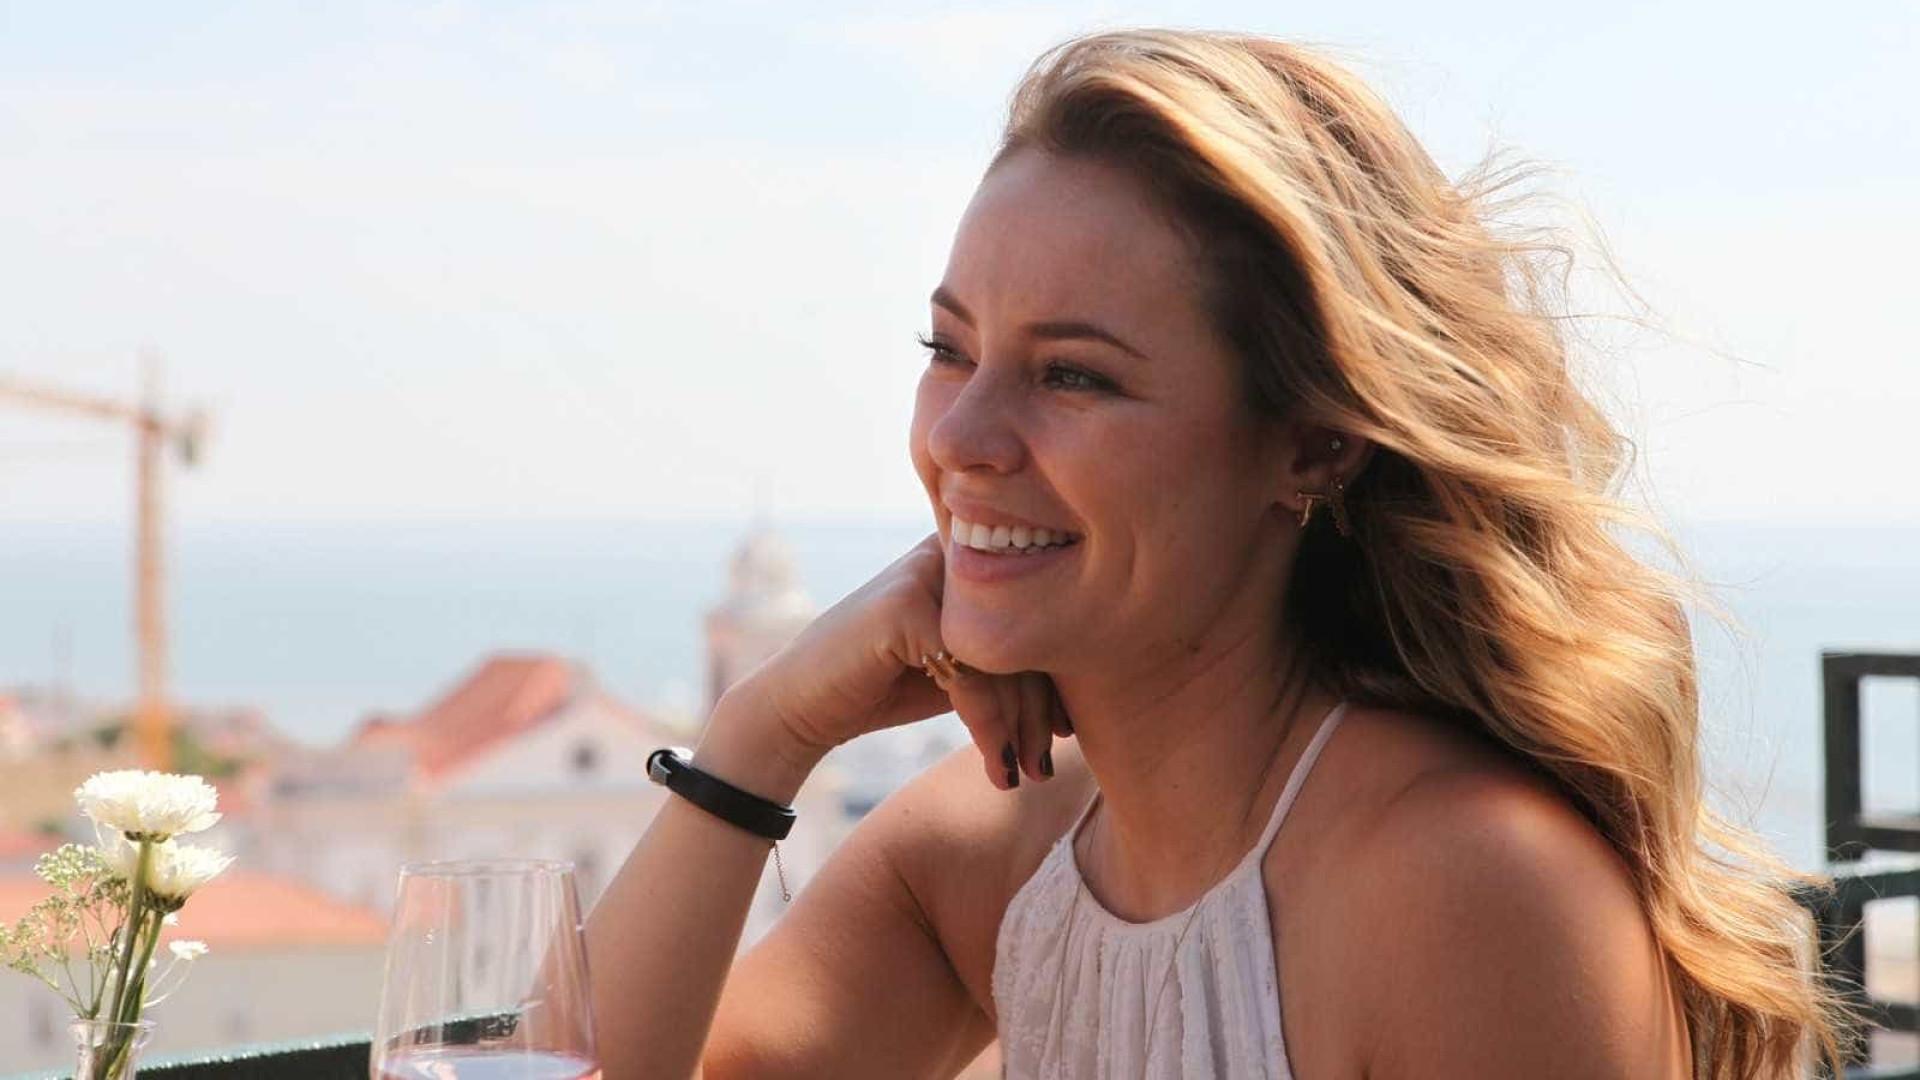 Paolla Oliveira sobre cenas quentes com outra mulher: 'Mais divertido'